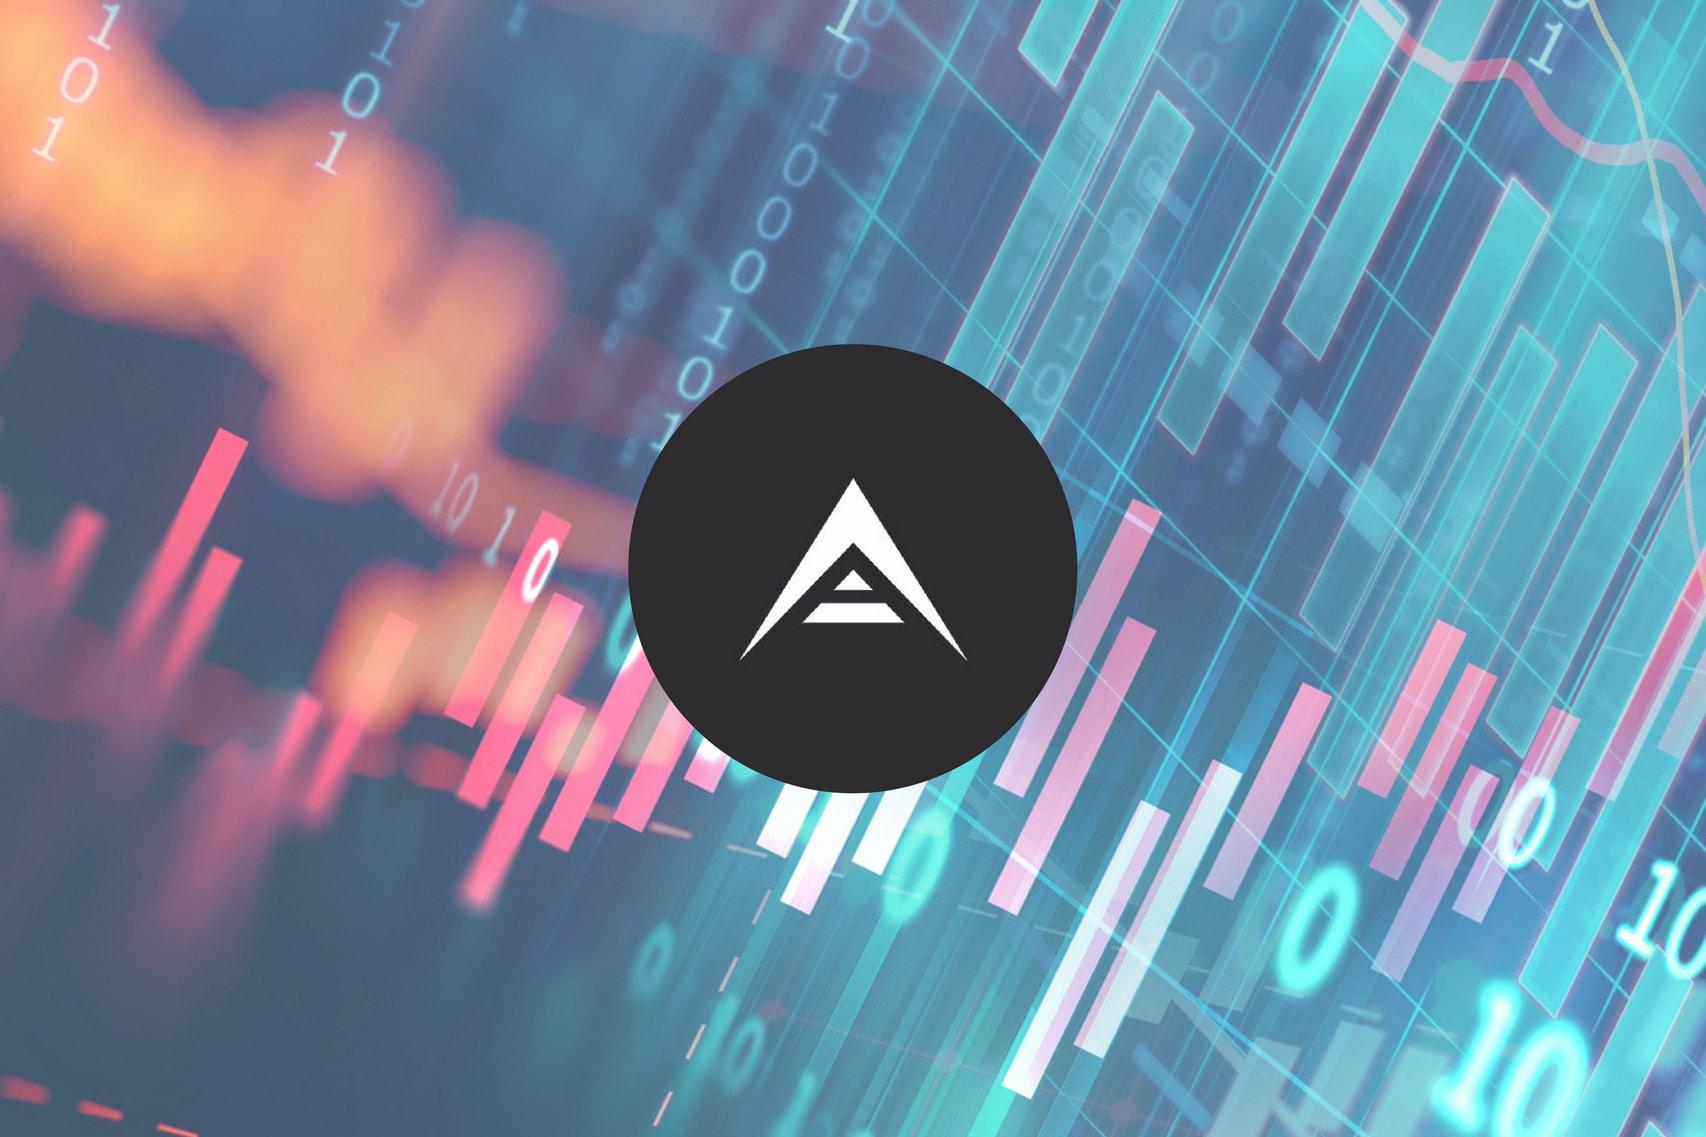 Price Analysis: Ark